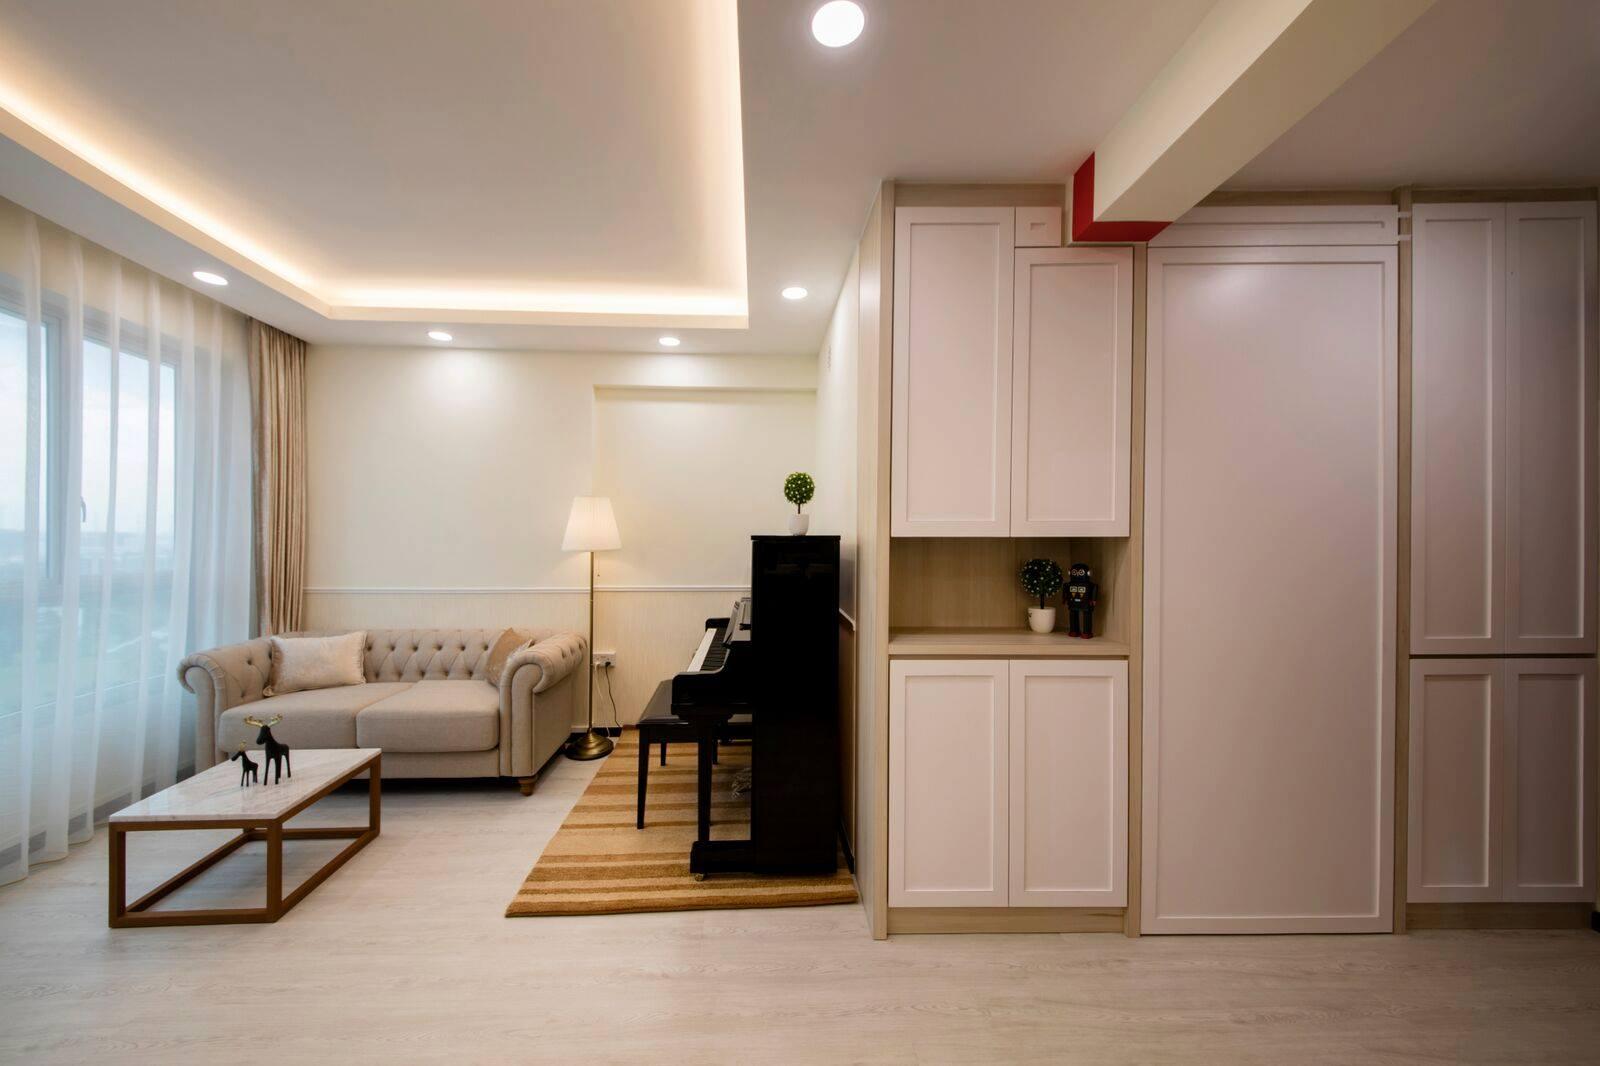 Home room interior design and custom carpentry singapore for Swedish interior design ideas